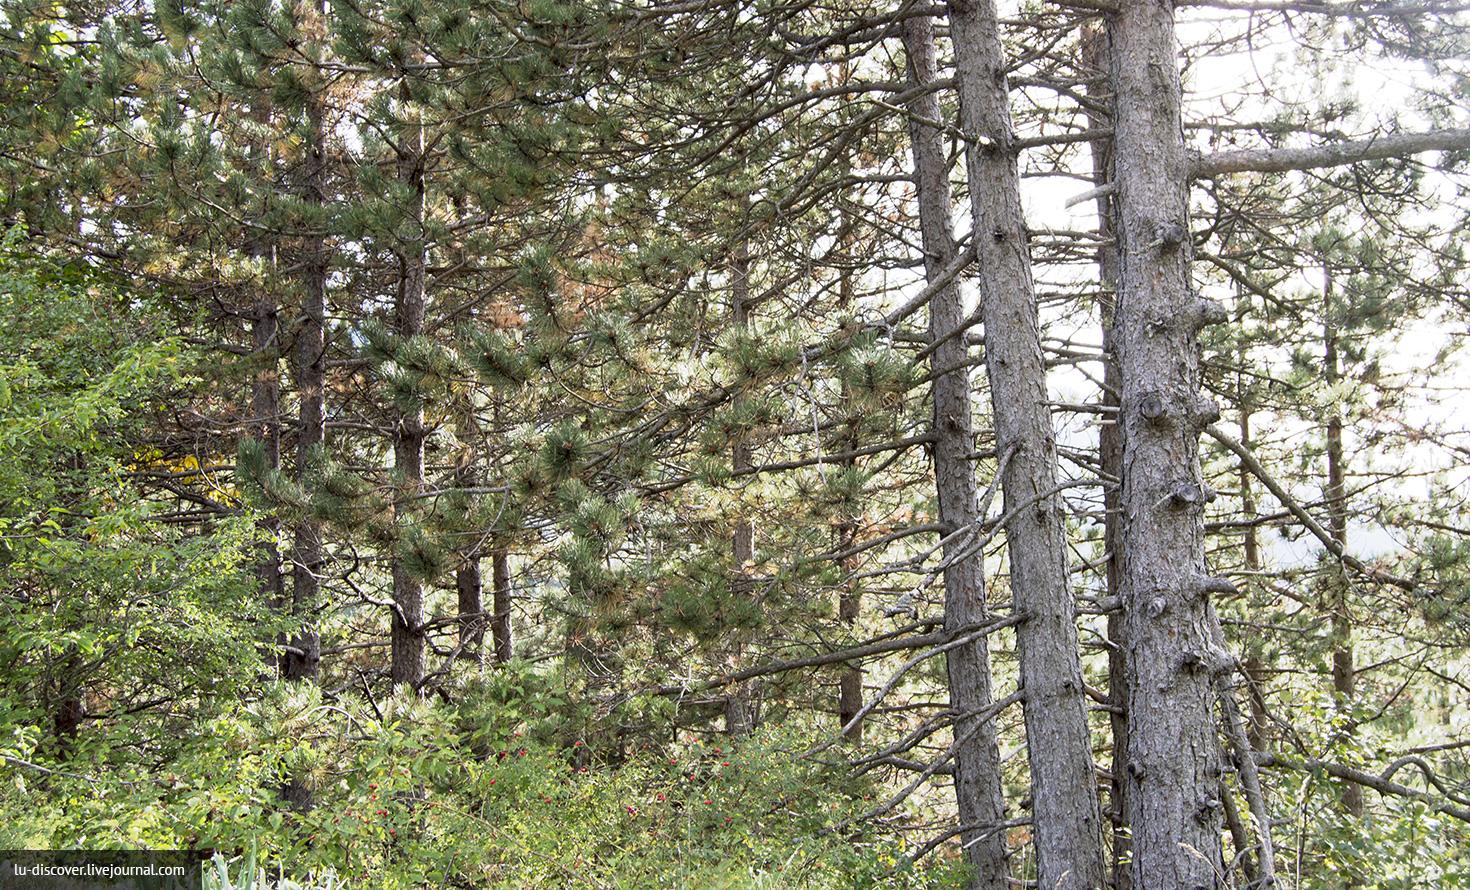 Сосновый лес, сосновый аромат по дороге в Негуши, удивительно чистый воздух в маленькой деревушке в горах